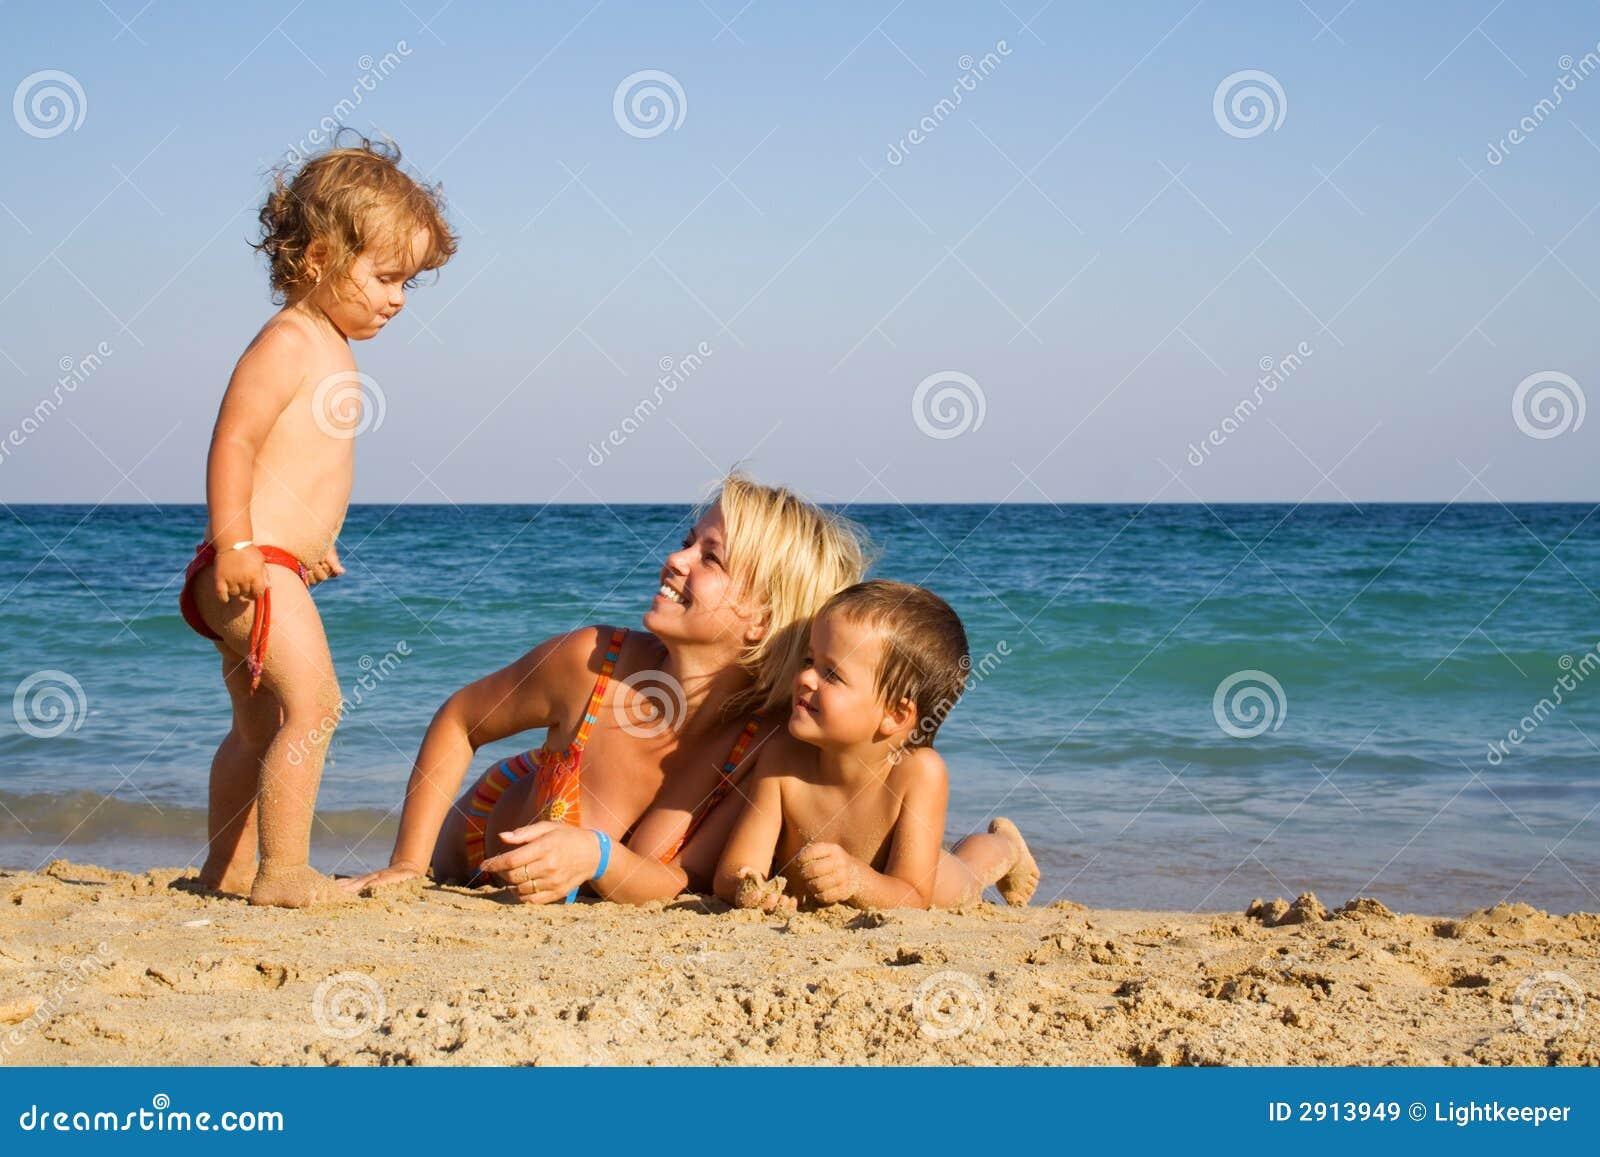 Фото семейный нудизм на отдыхе, Семейный отдых нудистов » Нудисты Cайт про 25 фотография